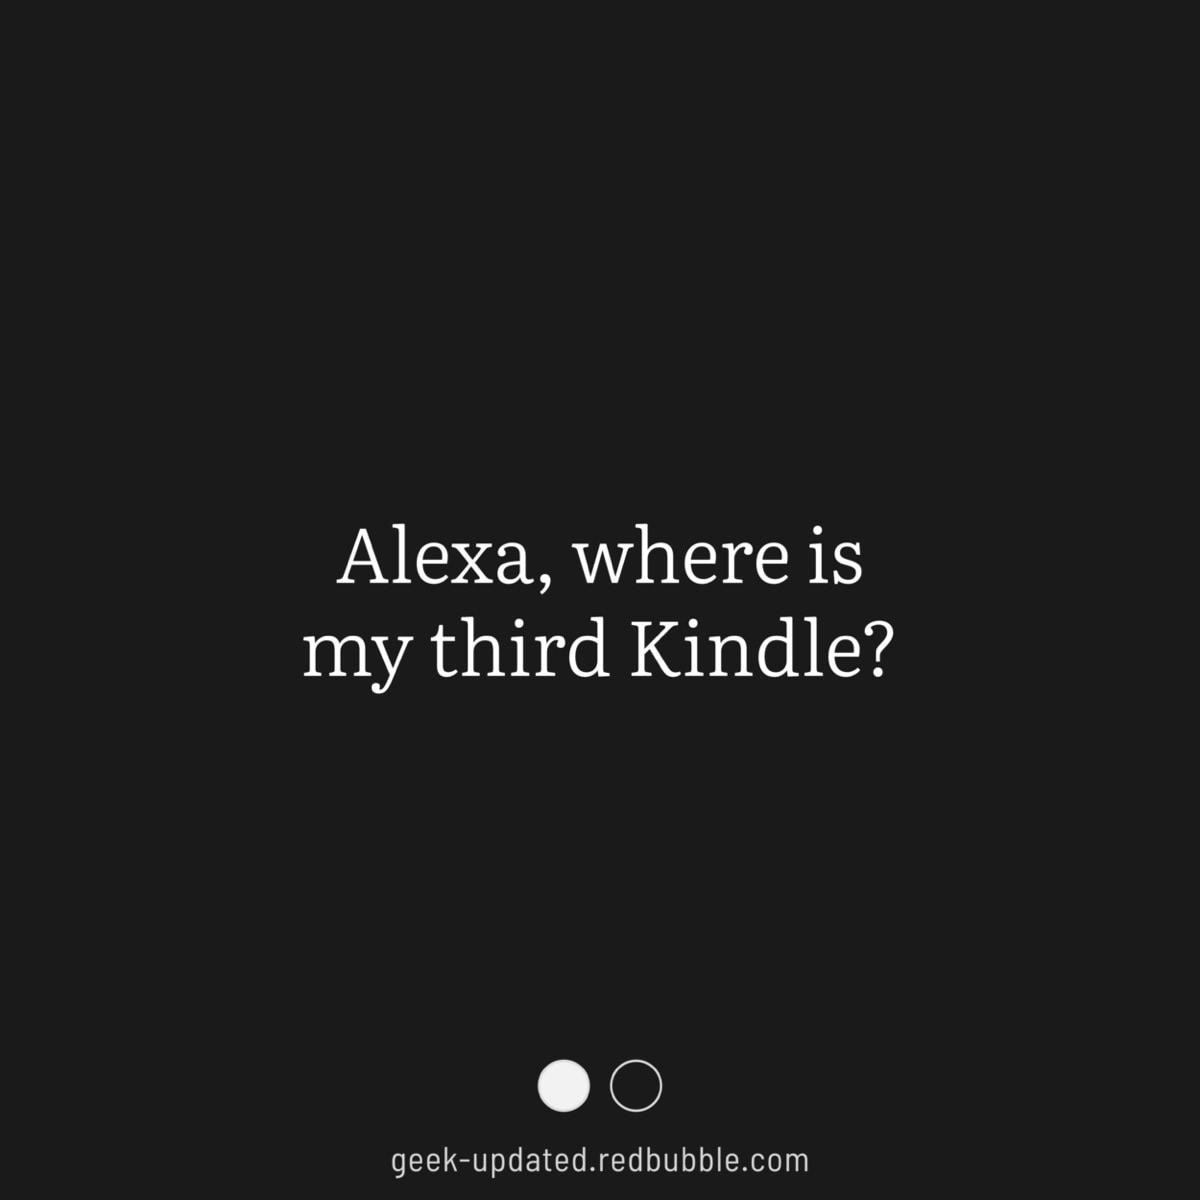 Alexa where is my third Kindle - design by Piotr Kowalczyk